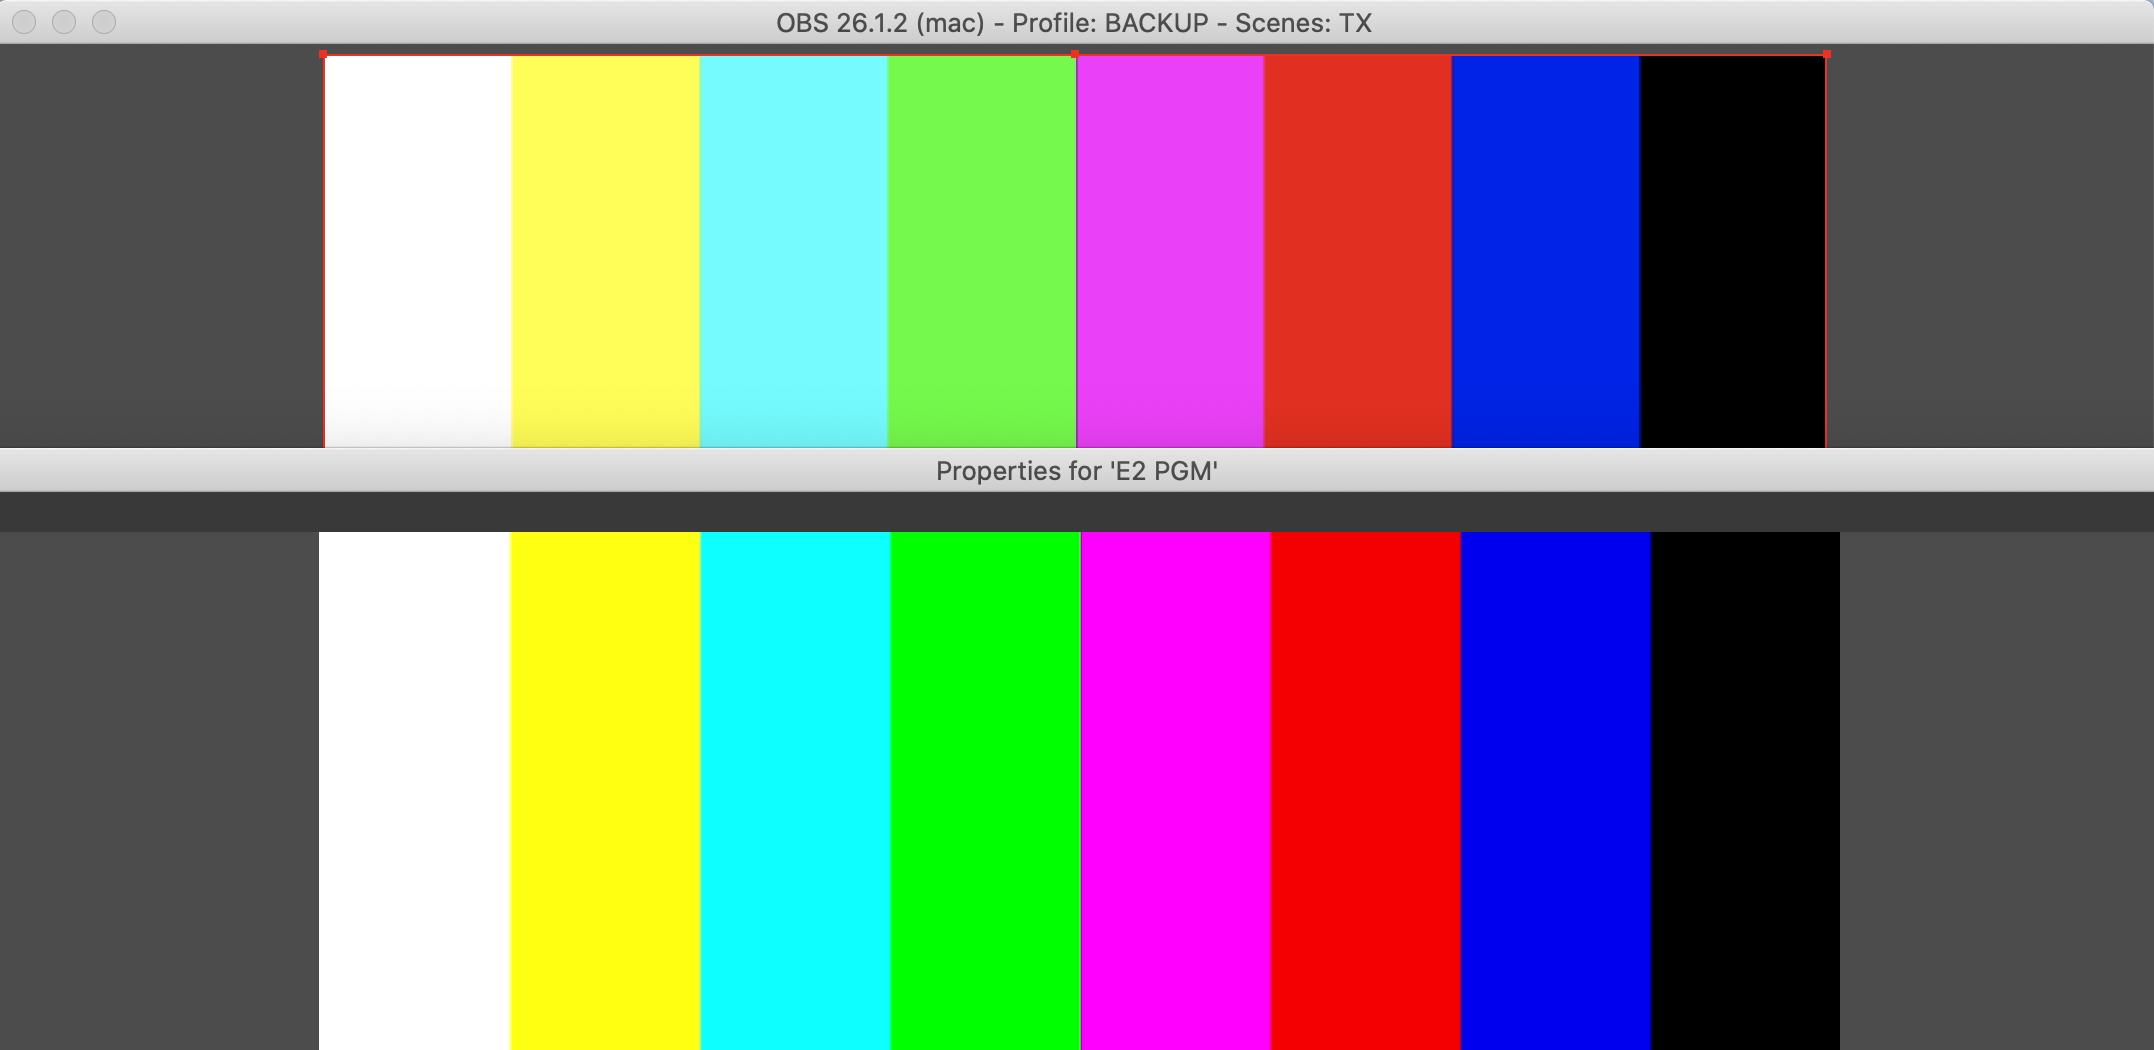 Screenshot 2021-01-17 at 08.58.08.png